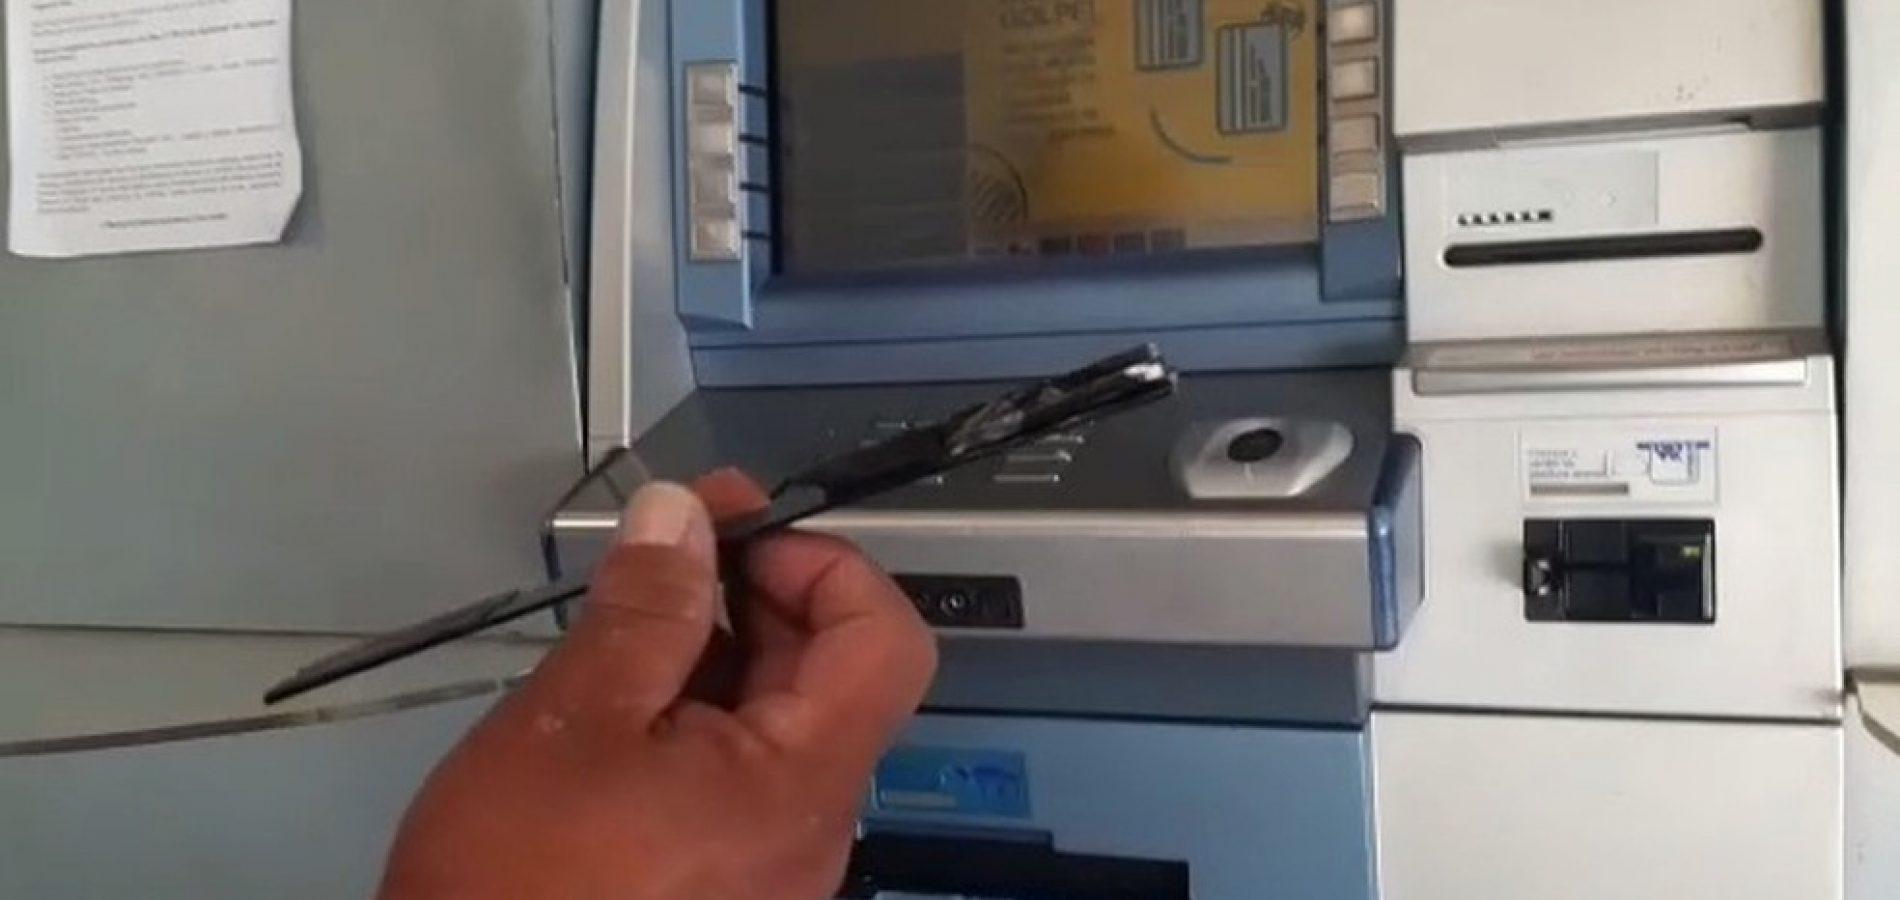 Policial descobre 'chupa cabra' ao tentar fazer saque em agência bancária no PI